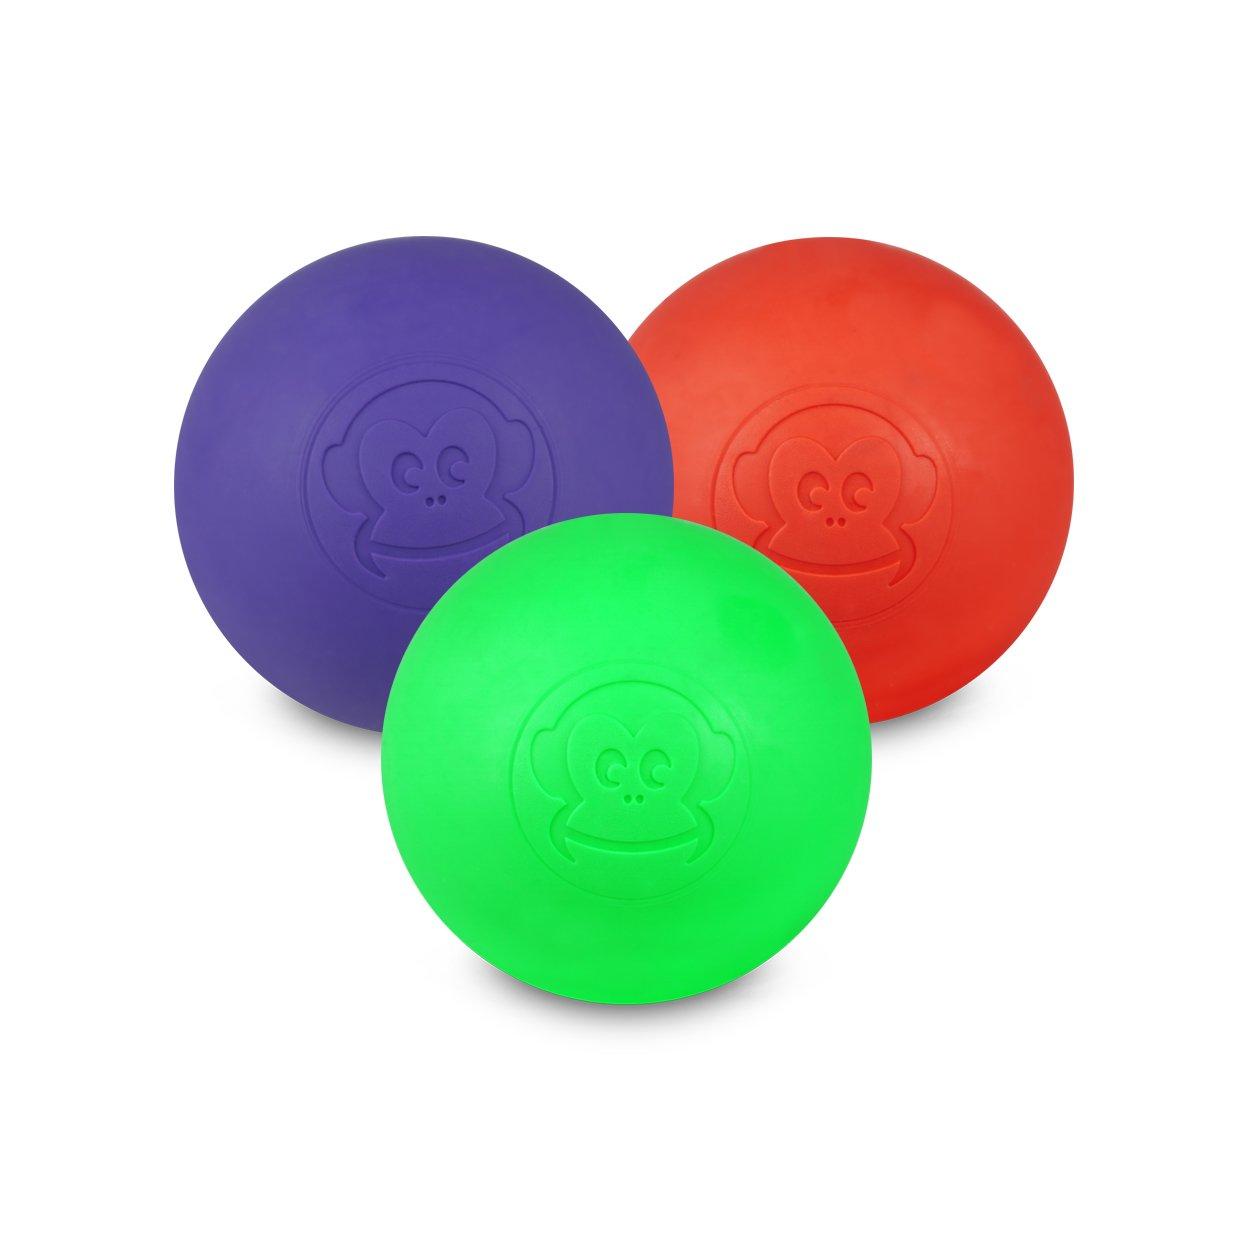 Captain LAX Massageball Original - Lacrosseball im 3er Pack mit den Farben Violett, Rot, Neon Grün, aus Hartgummi, Größe einzeln 6 x 6 cm geeignet für Triggerpunkt- & Faszienmassage/Crossfit Neon Grün